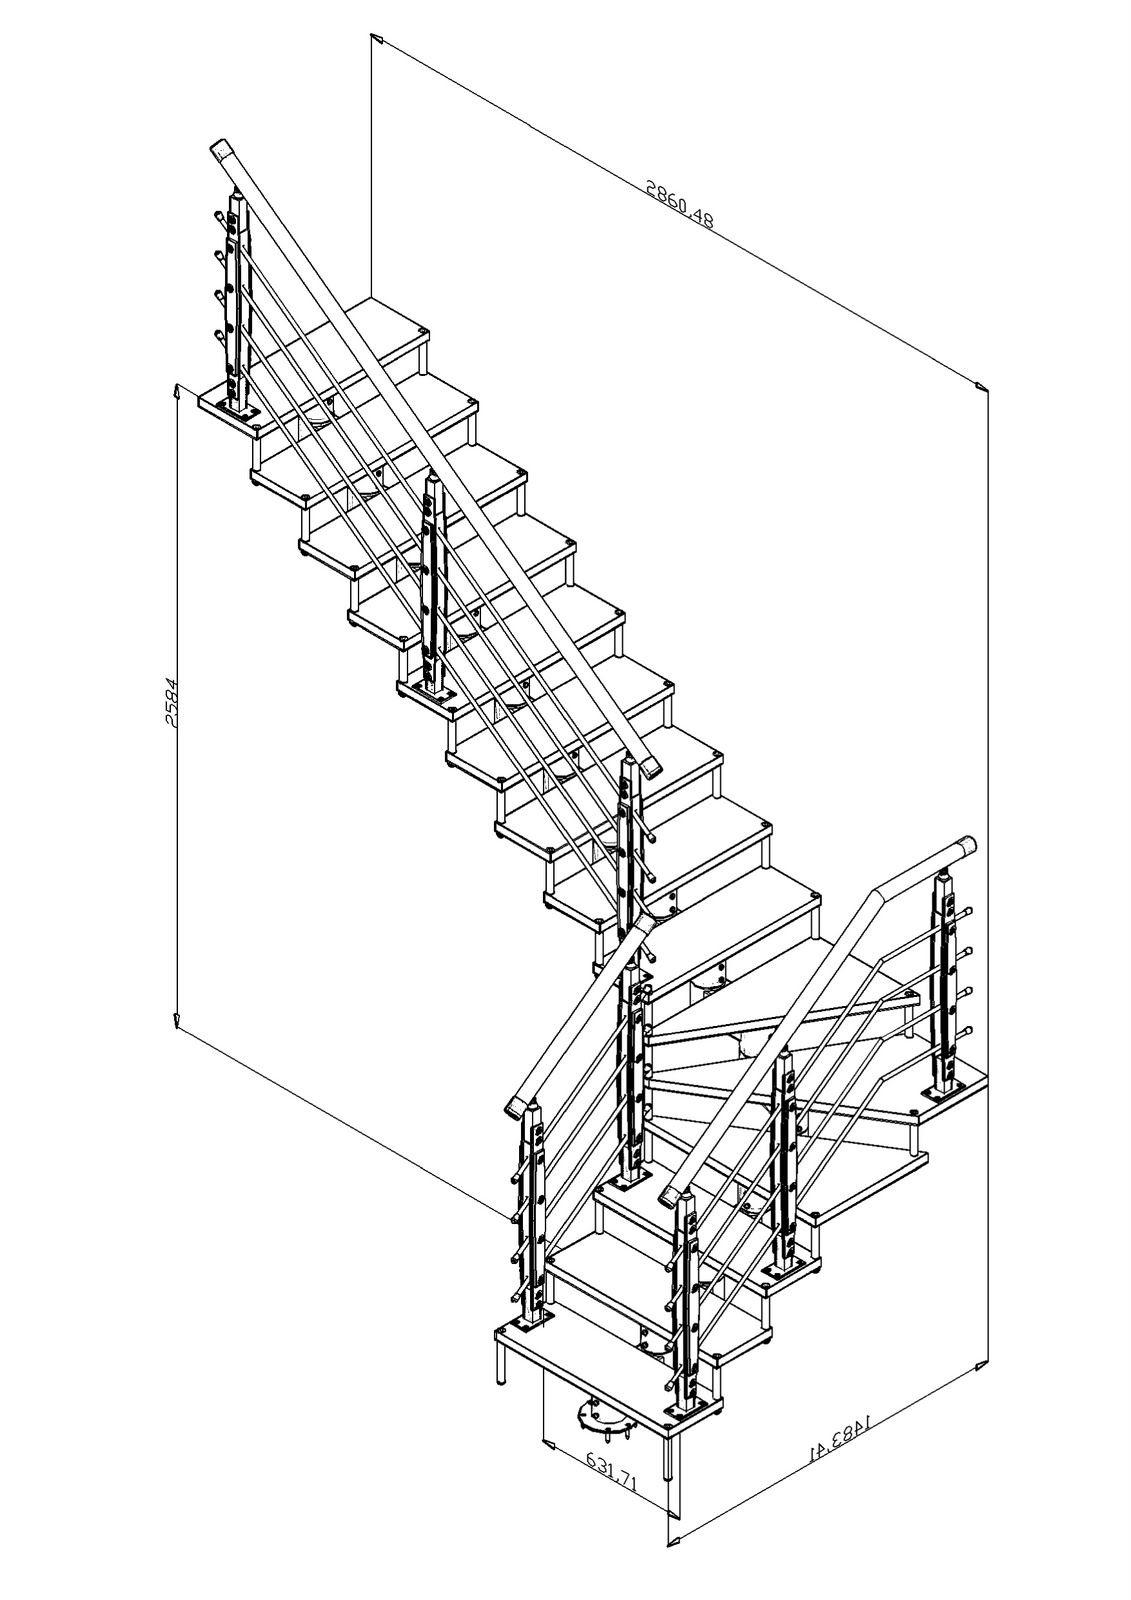 Escalera En L Medidas Buscar Con Google Imagenes De Escalera Plano De Escalera De Caracol Diseno De Escalera